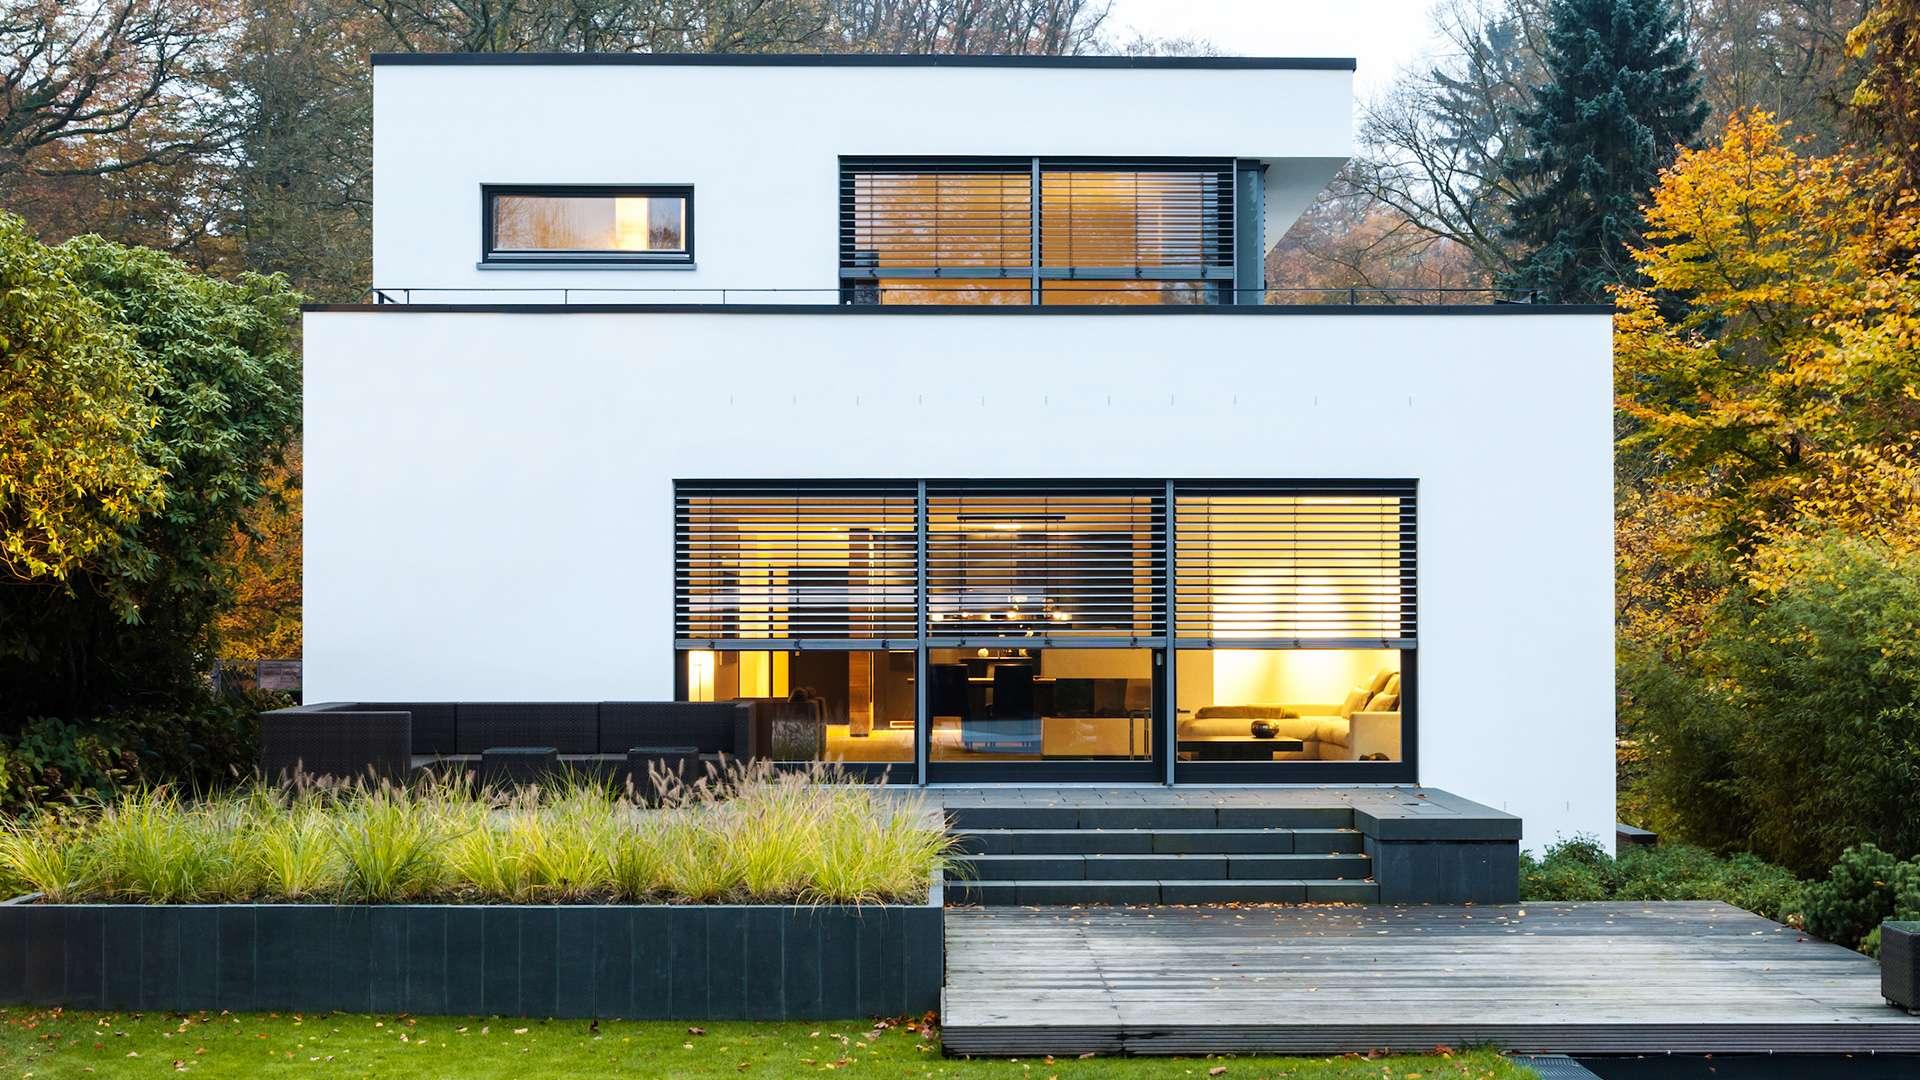 Flachdach-Haus mit Raffstoren vor den bodentiefen Fenstern